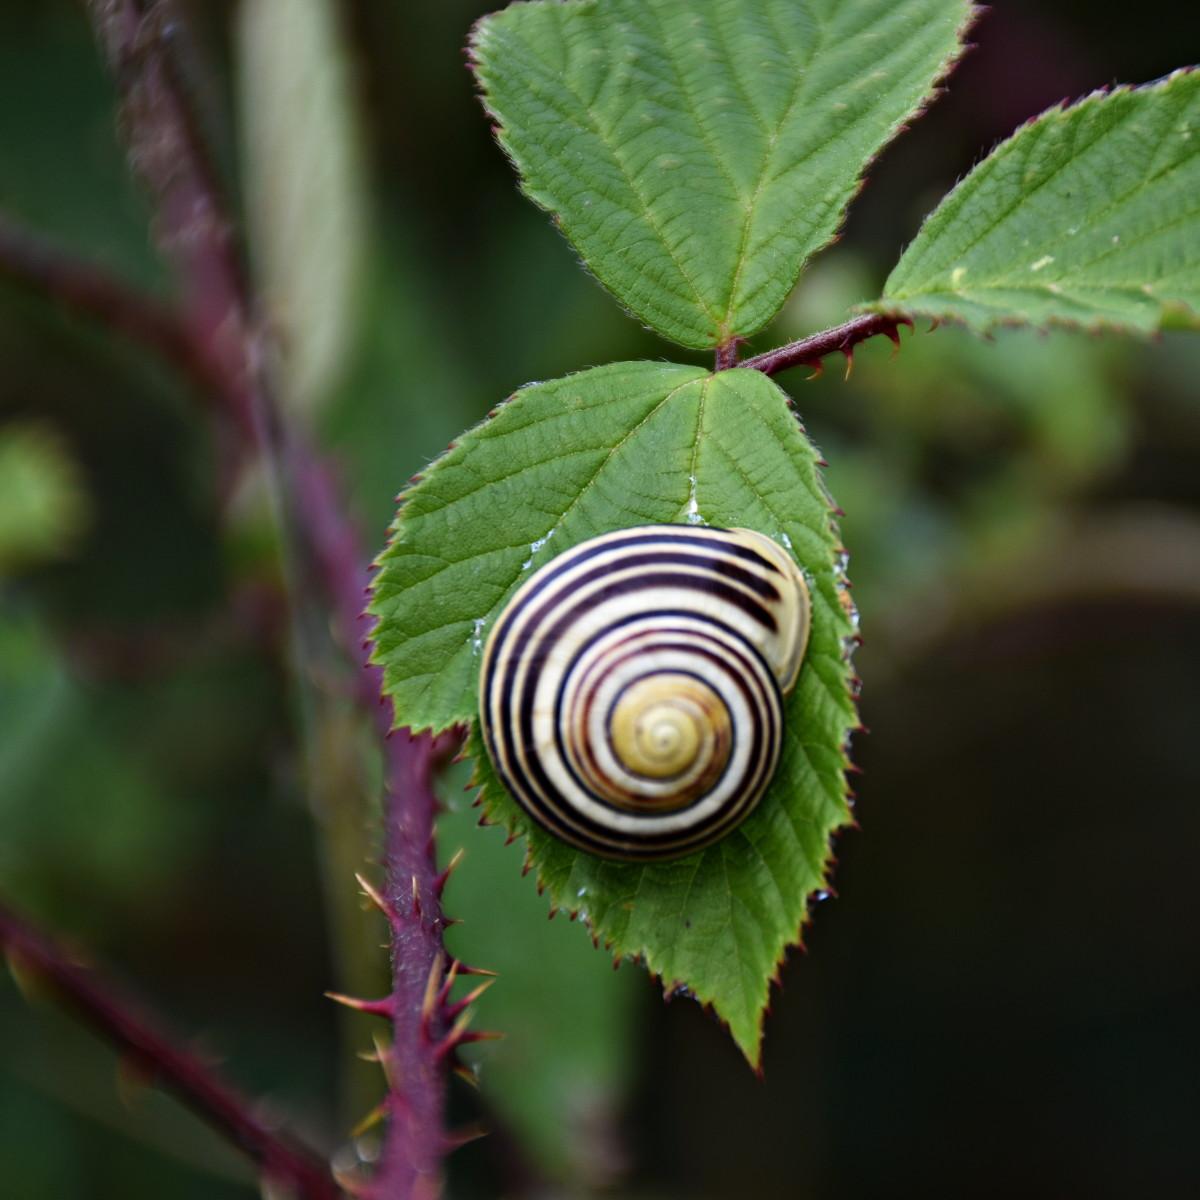 pretty-snail-lnks